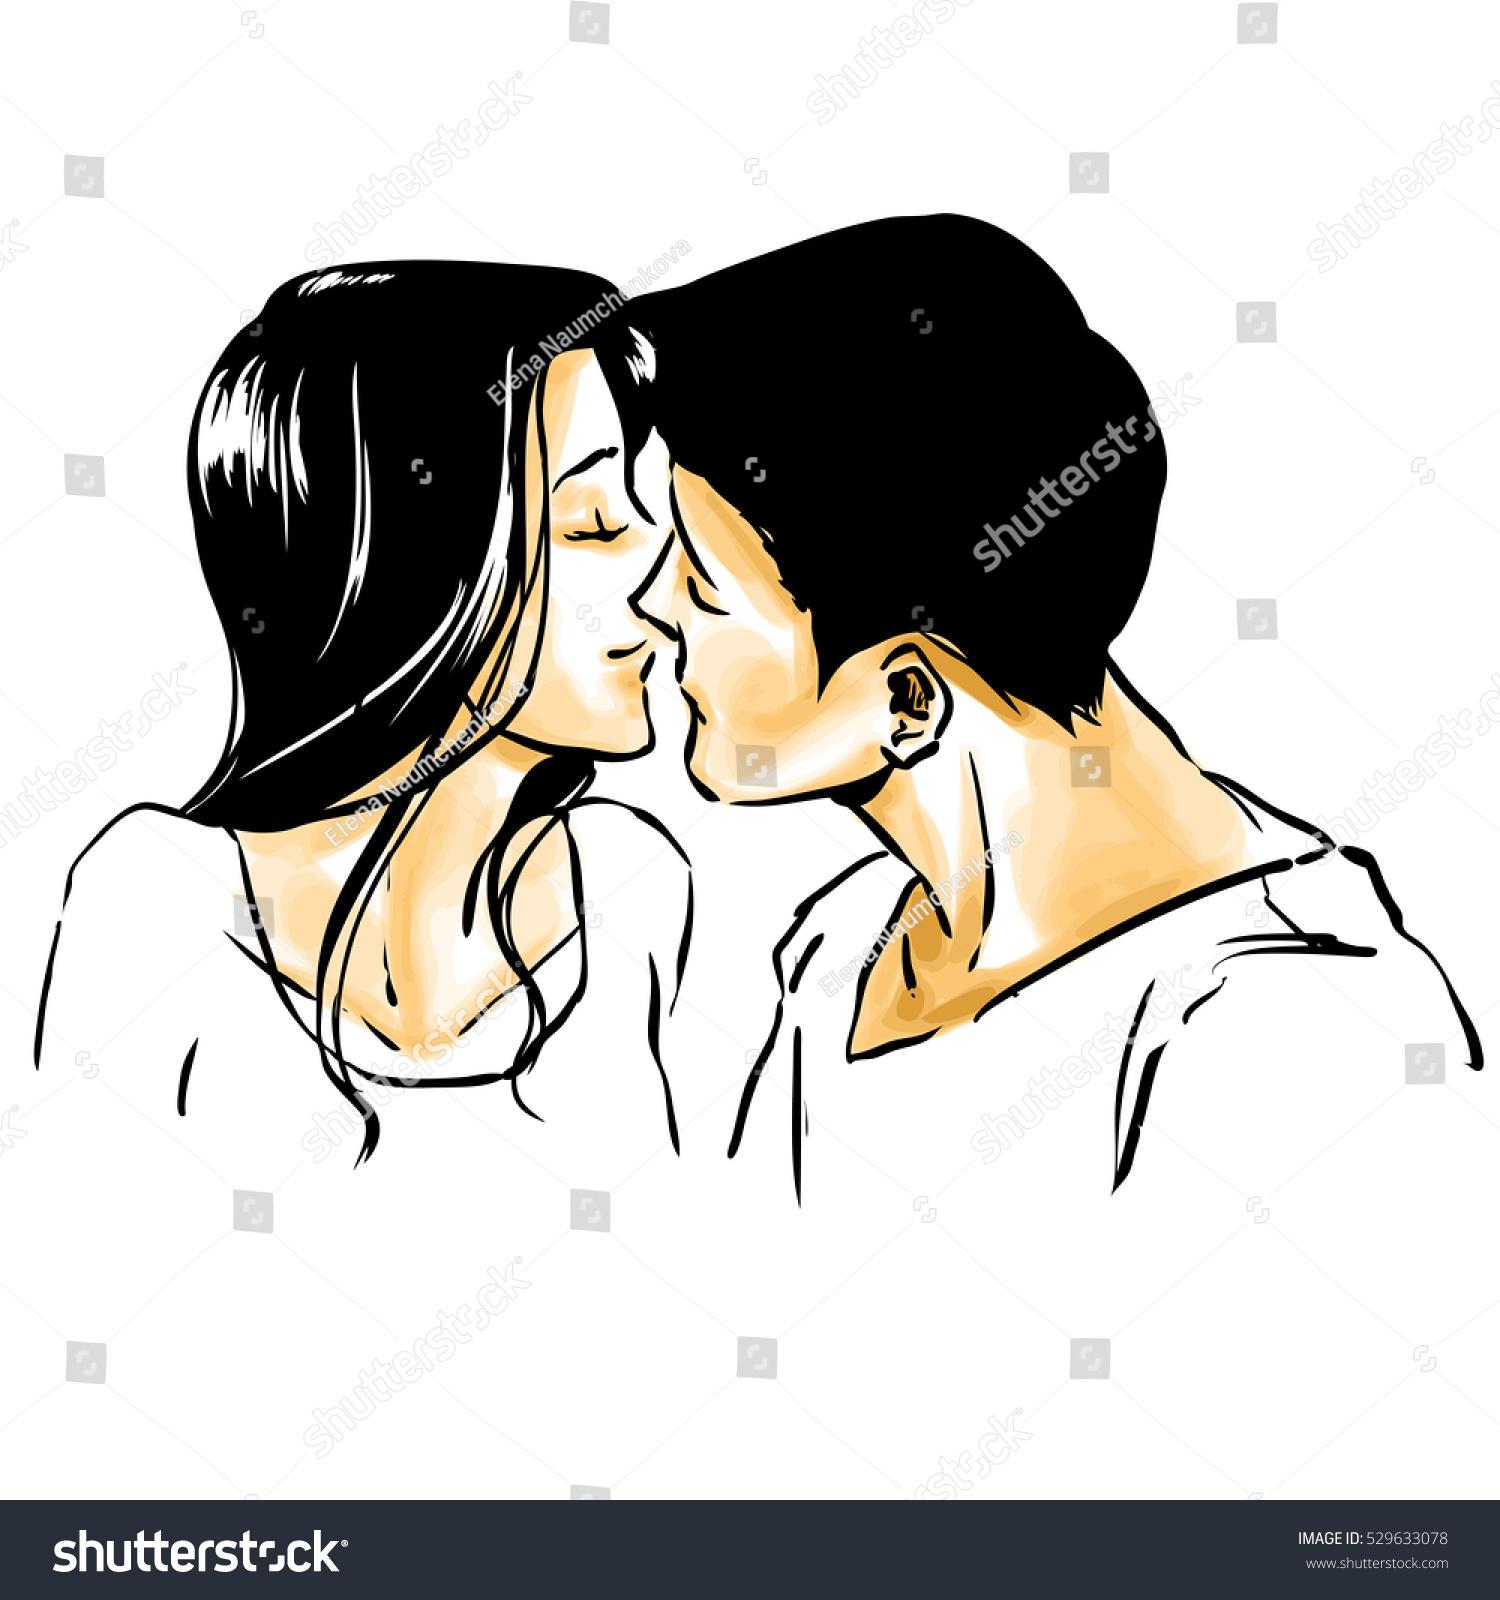 nopeus dating Geelong